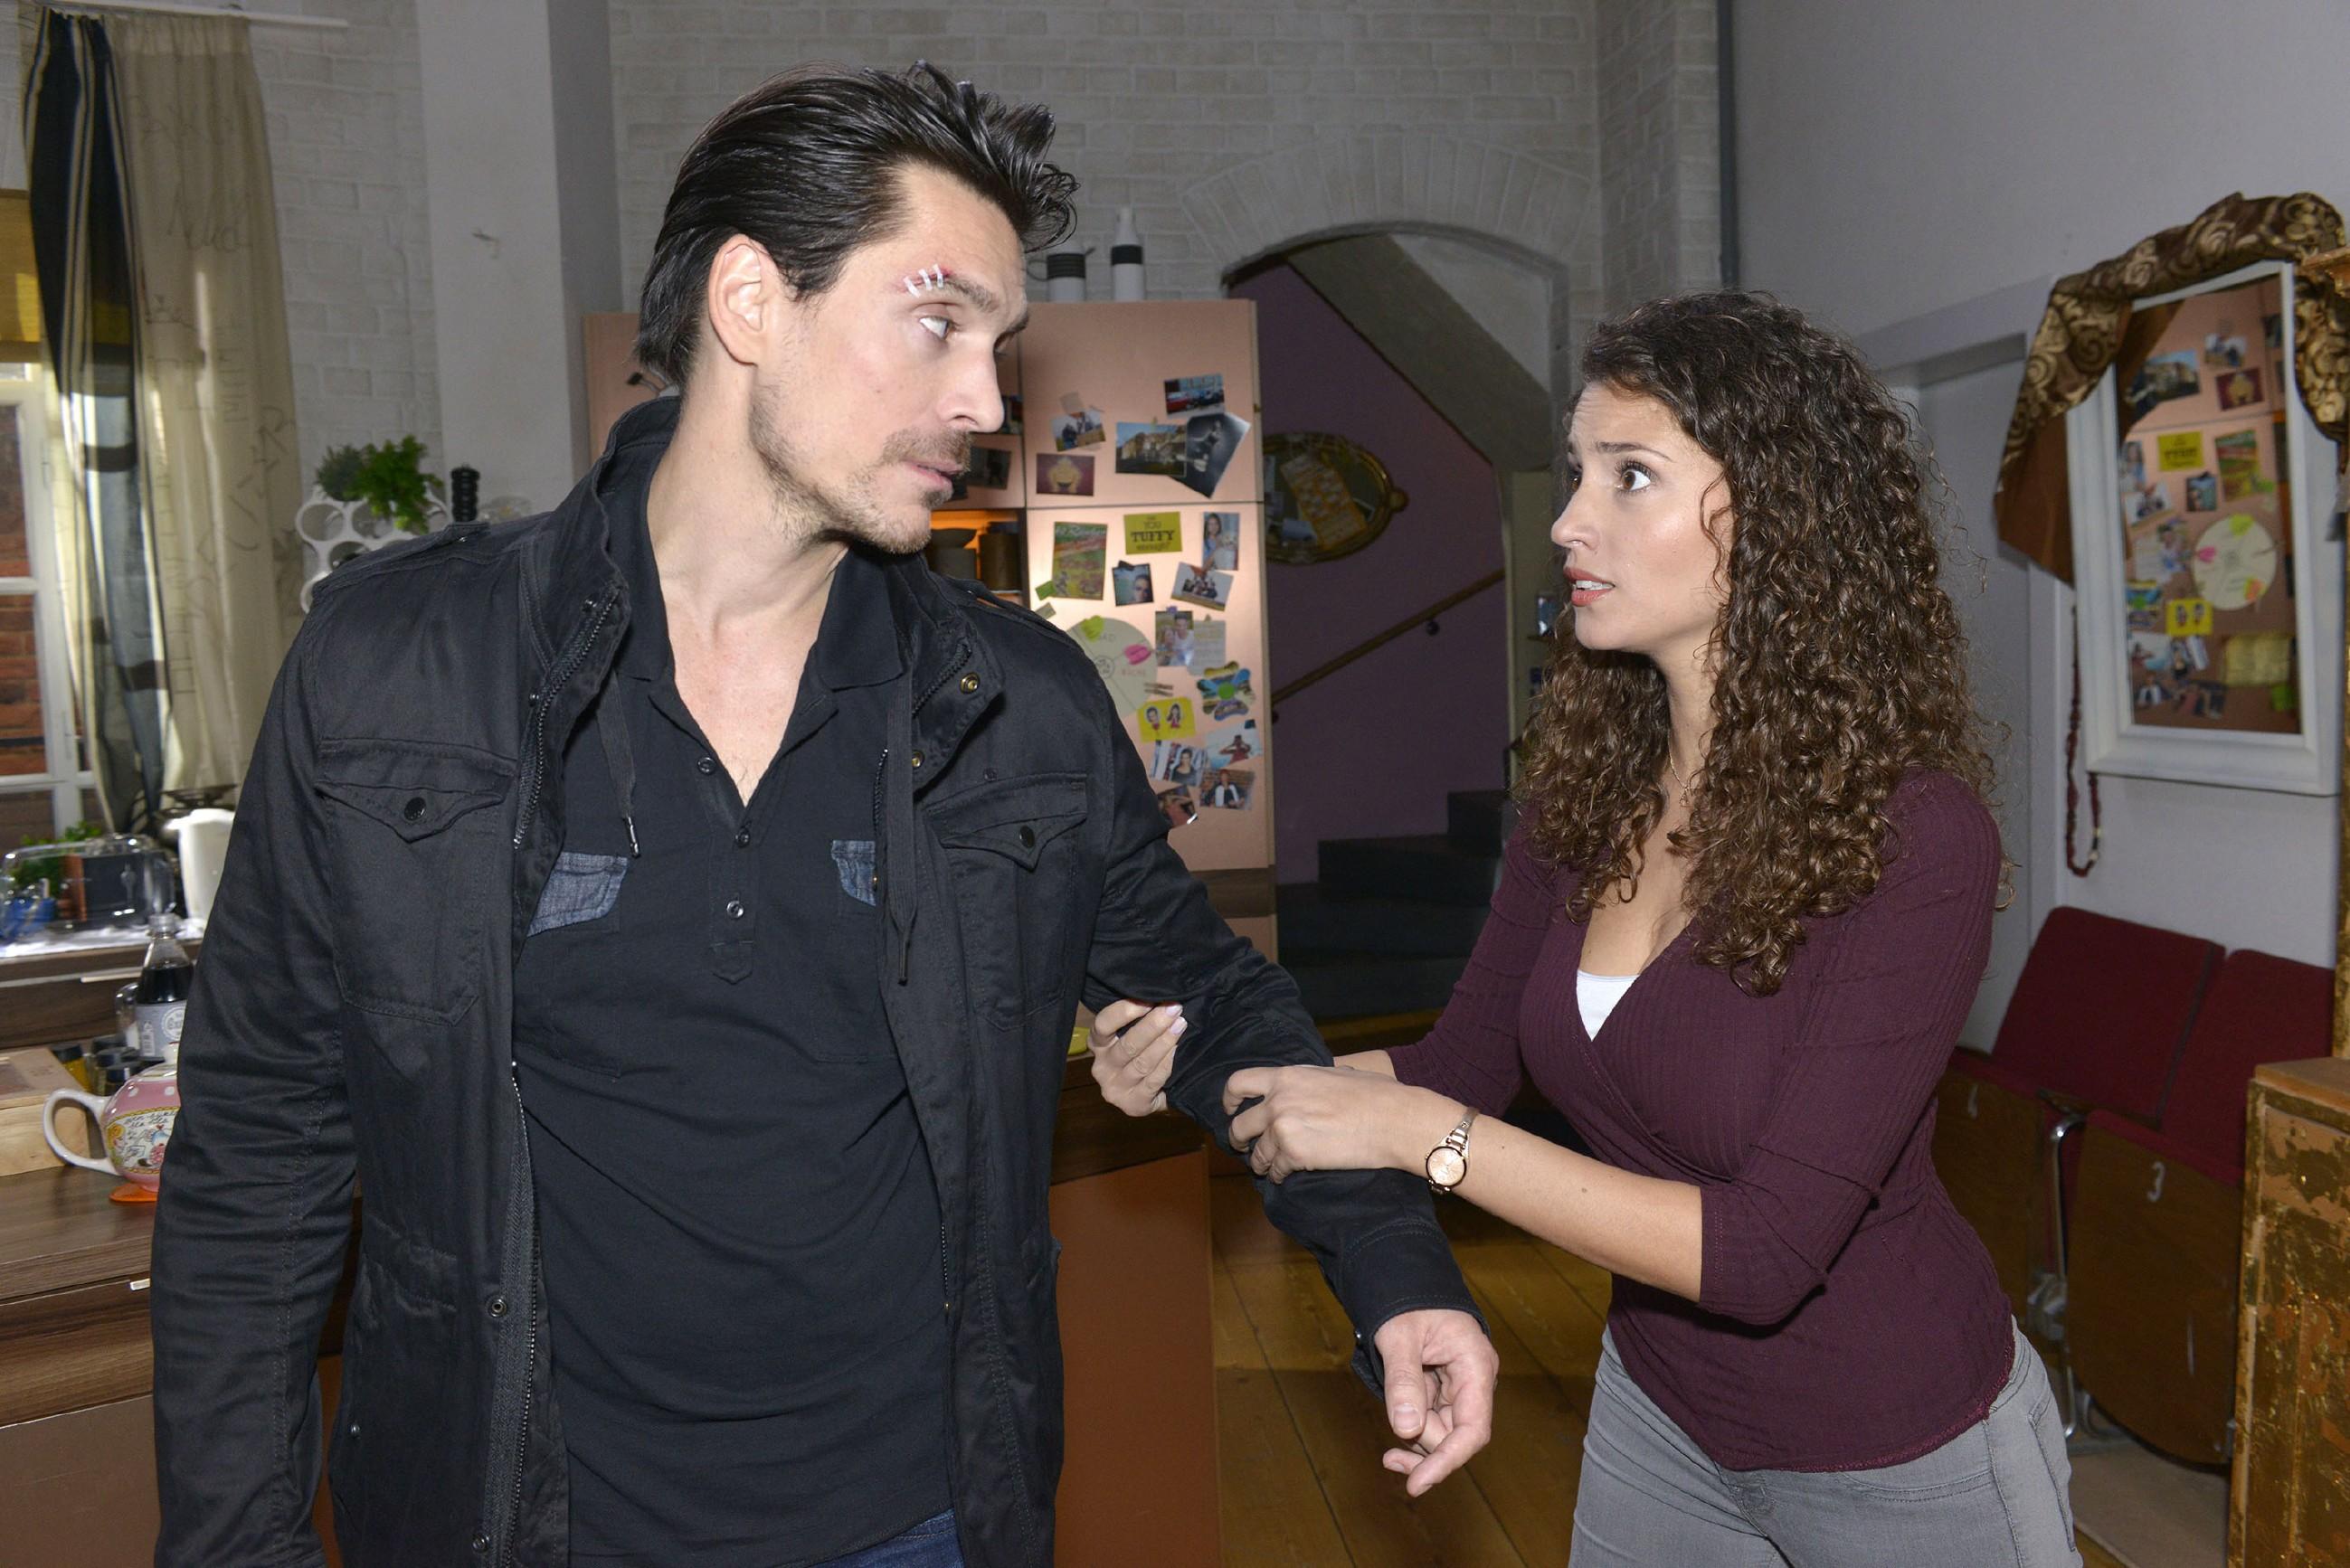 Obwohl Ayla (Nadine Menz) nicht möchte, dass David (Philipp Christopher) ins Gefängnis geht, sieht sie für ihre Beziehung keine Zukunft mehr.